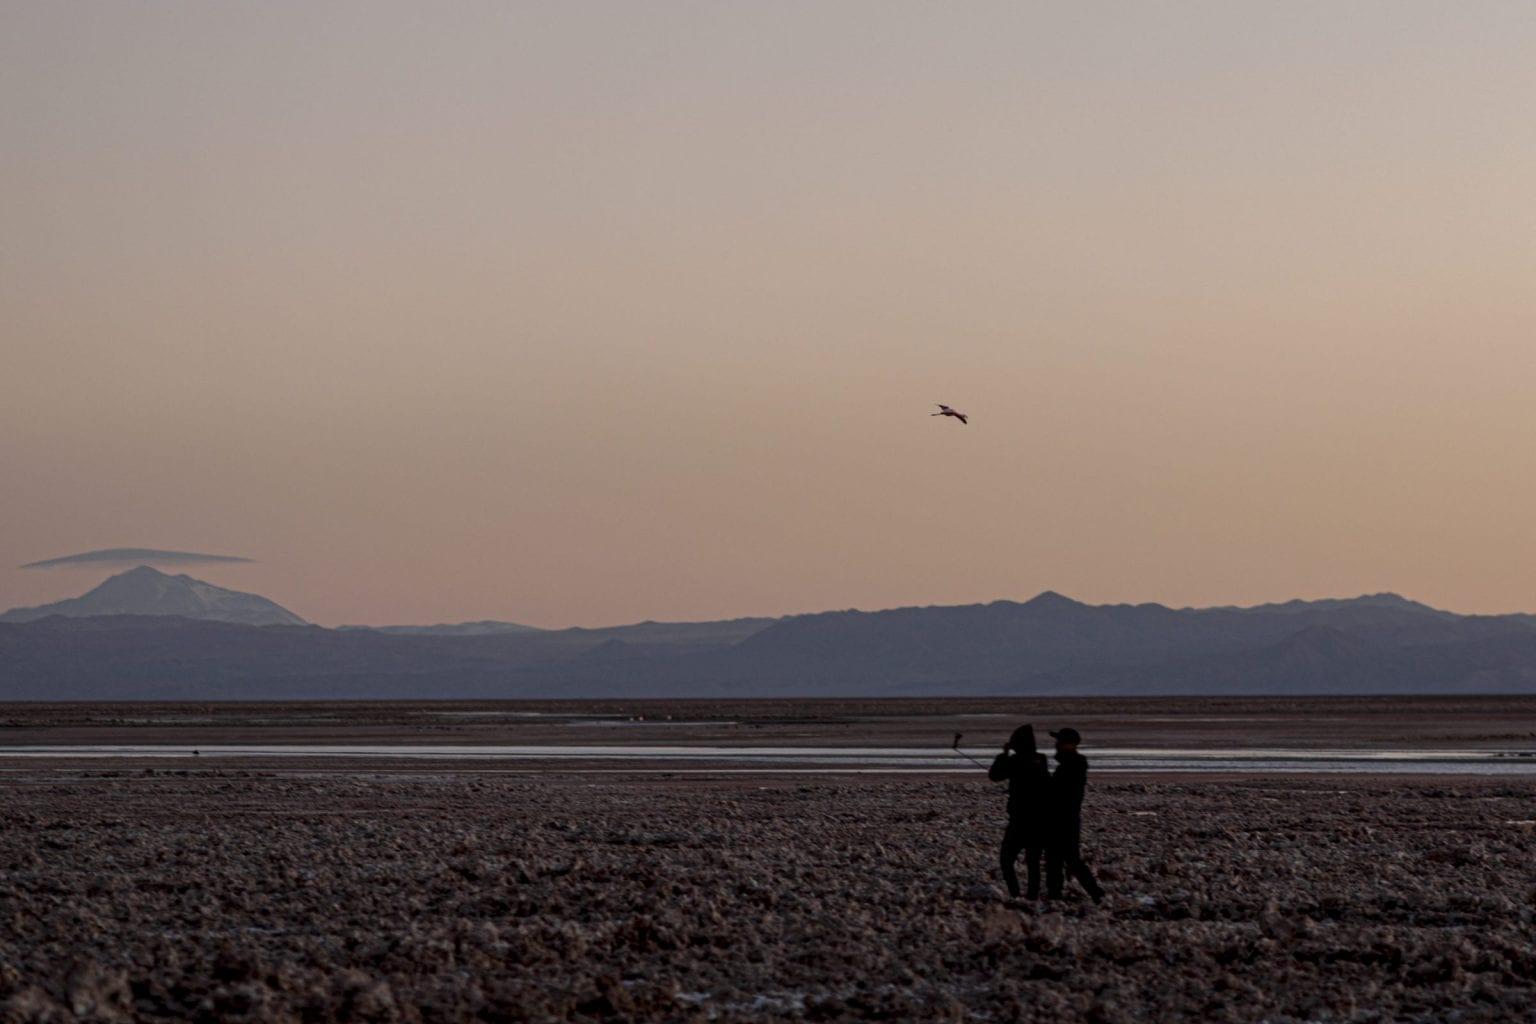 Et stigende antal turister lægger også pres på Atacamas vandressourcer. Her en flamingo i luften over en selfie-stang.